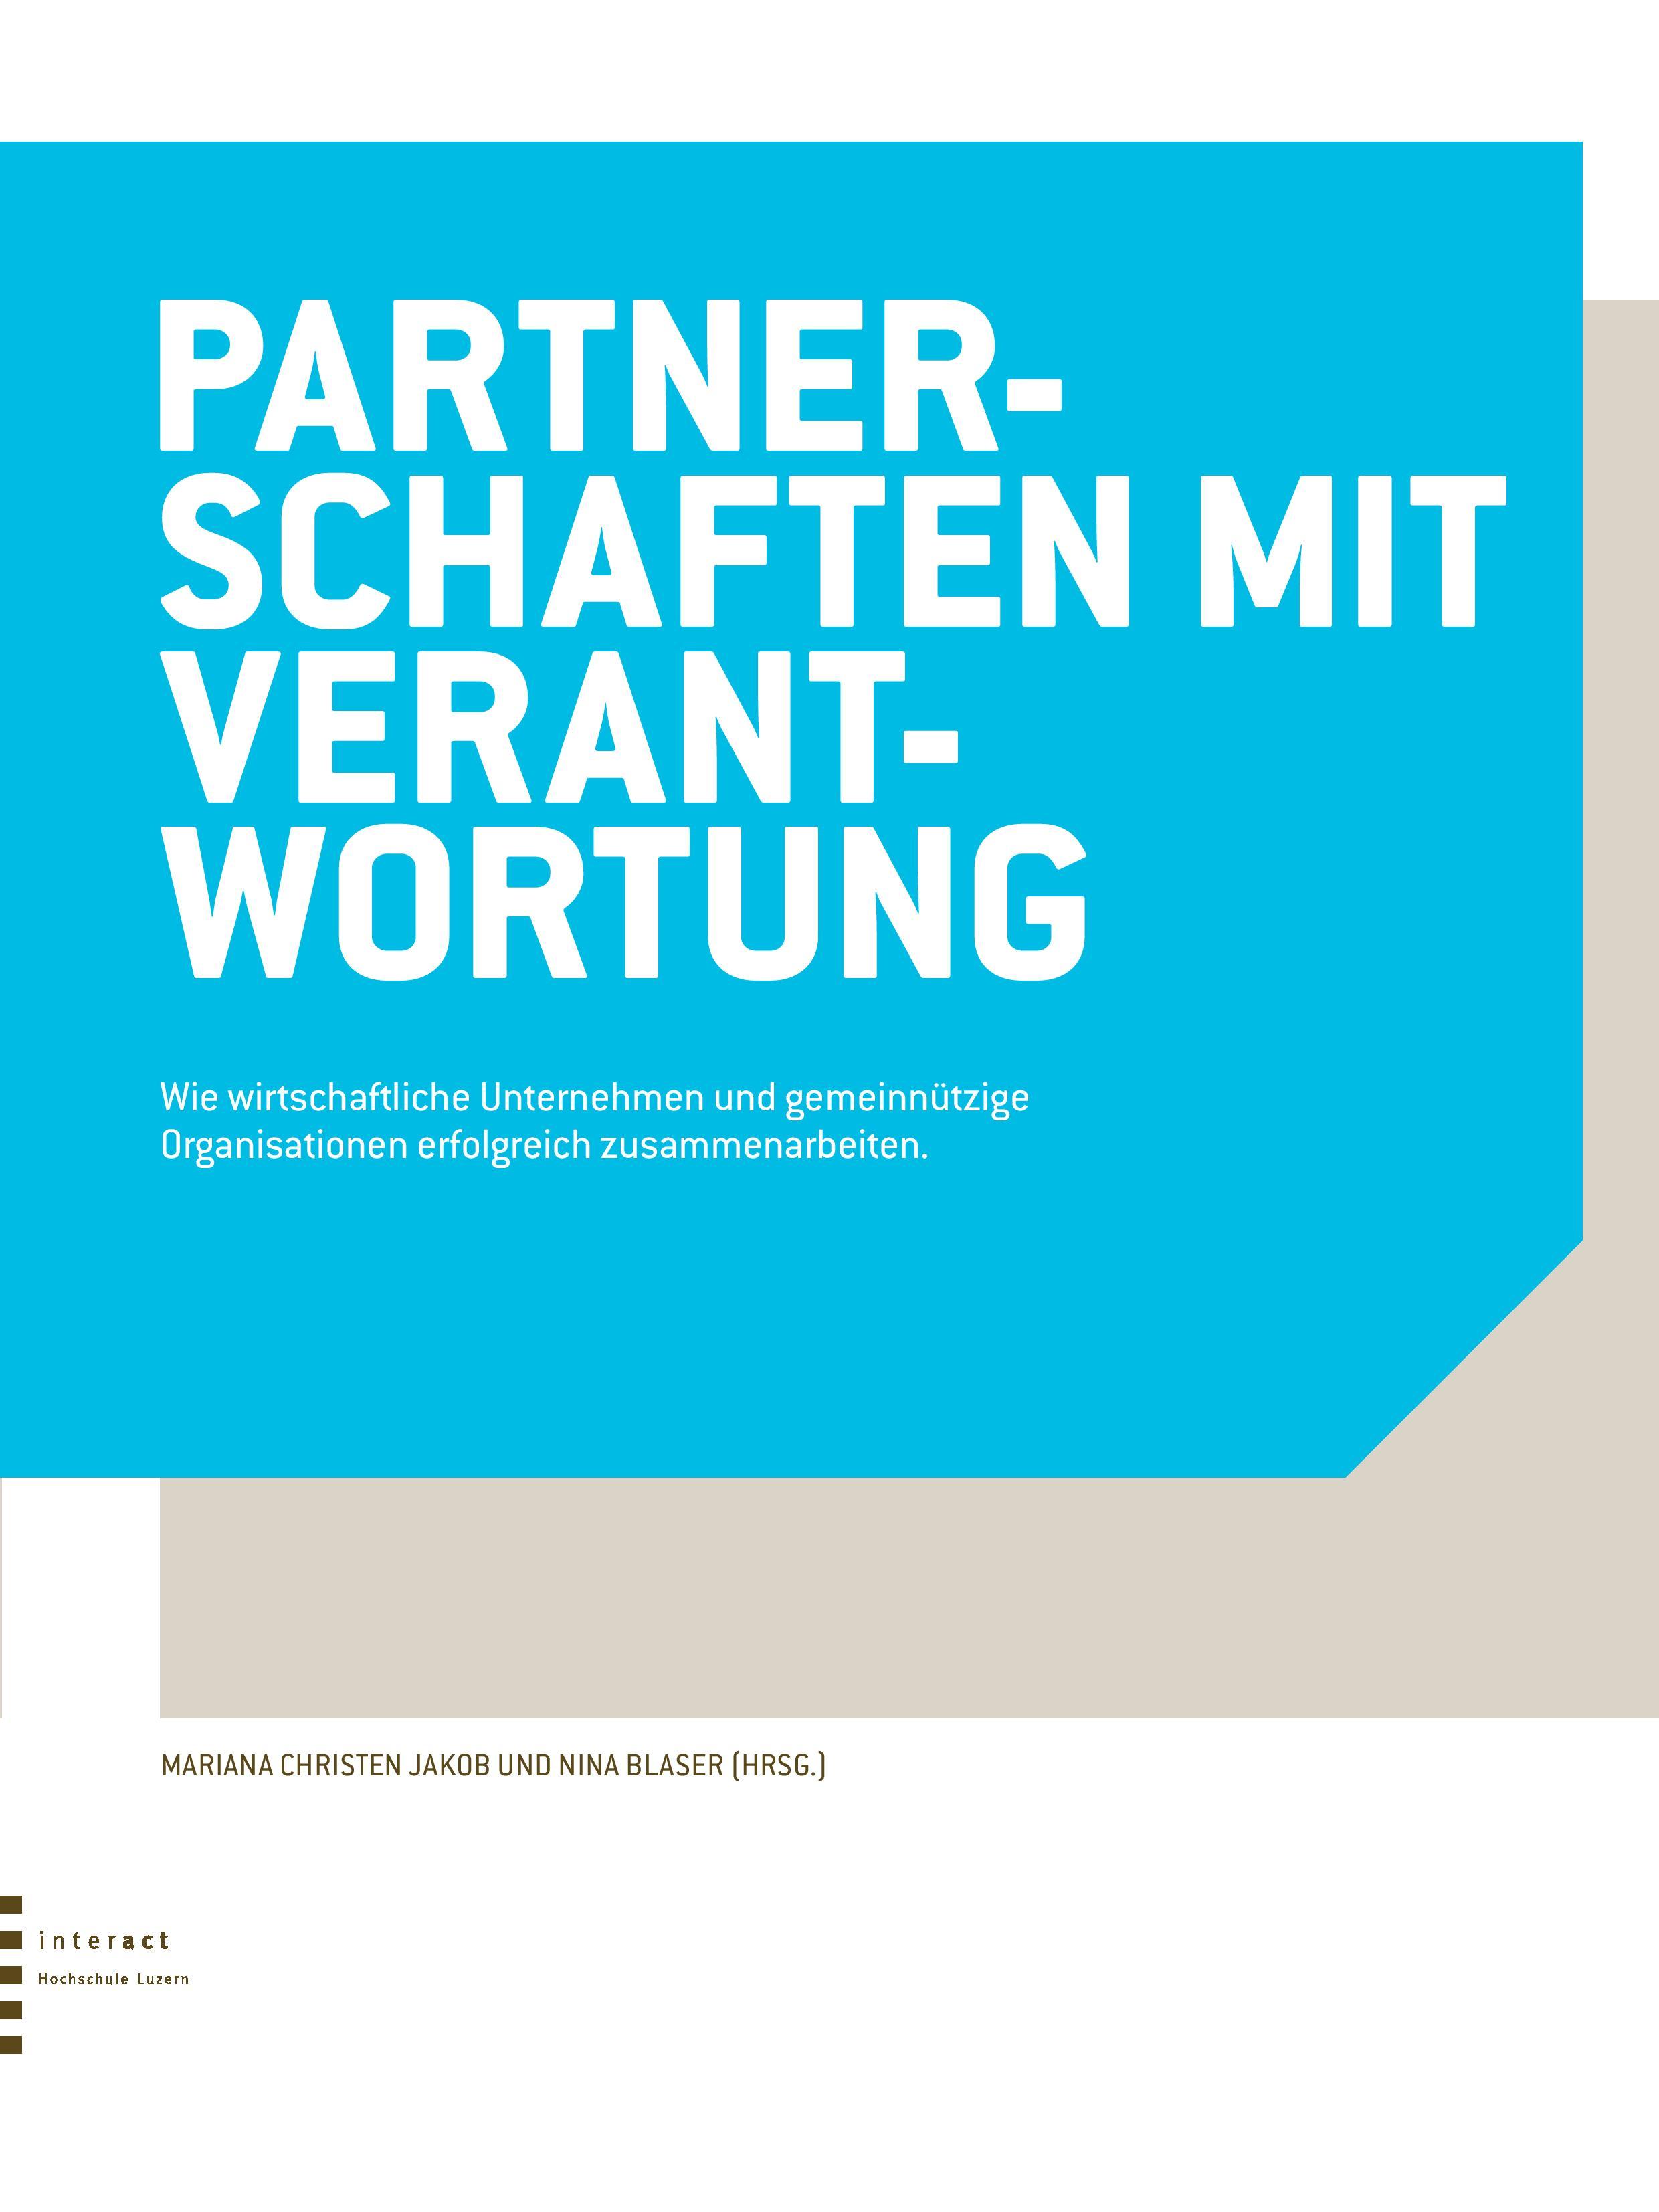 Leitfaden_Komplett_300911-page-001